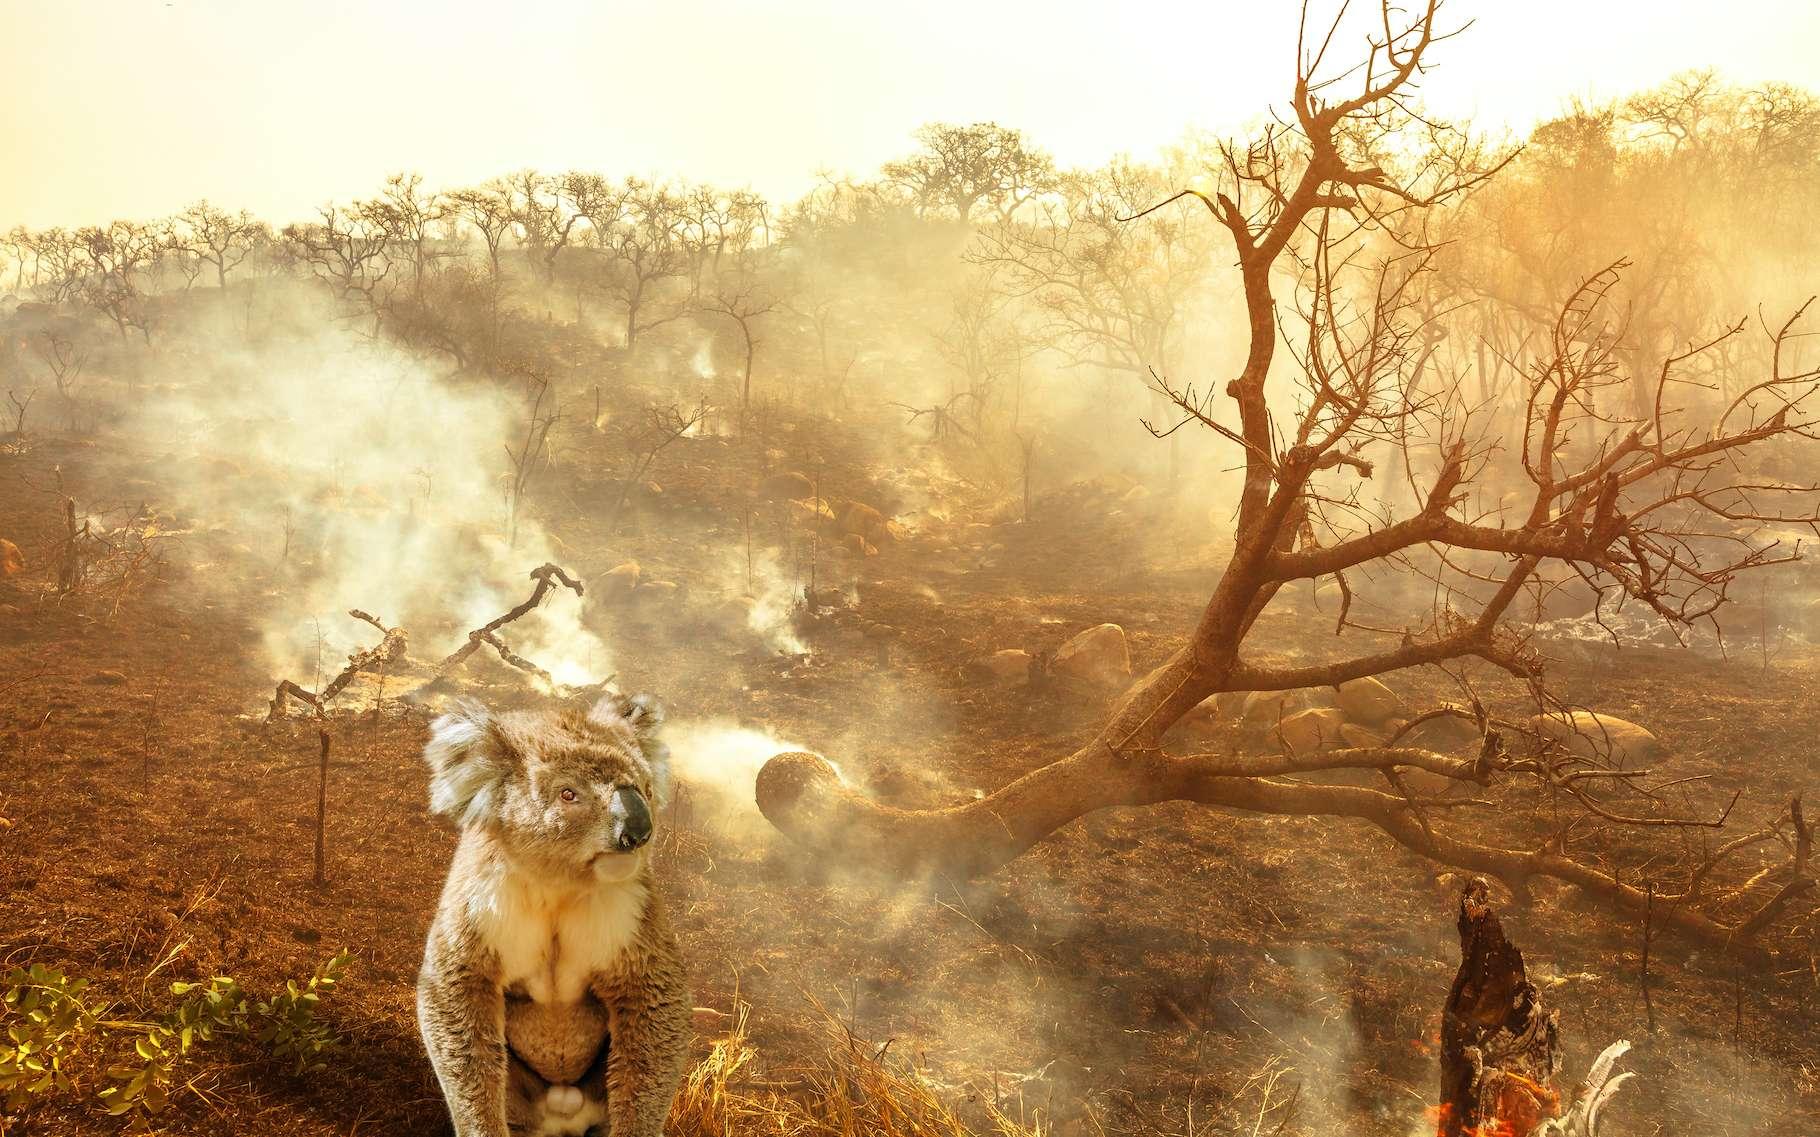 L'Australie doit se préparer à vivre des évènements extrêmes plus intenses. © bennymarty, Adobe Stock